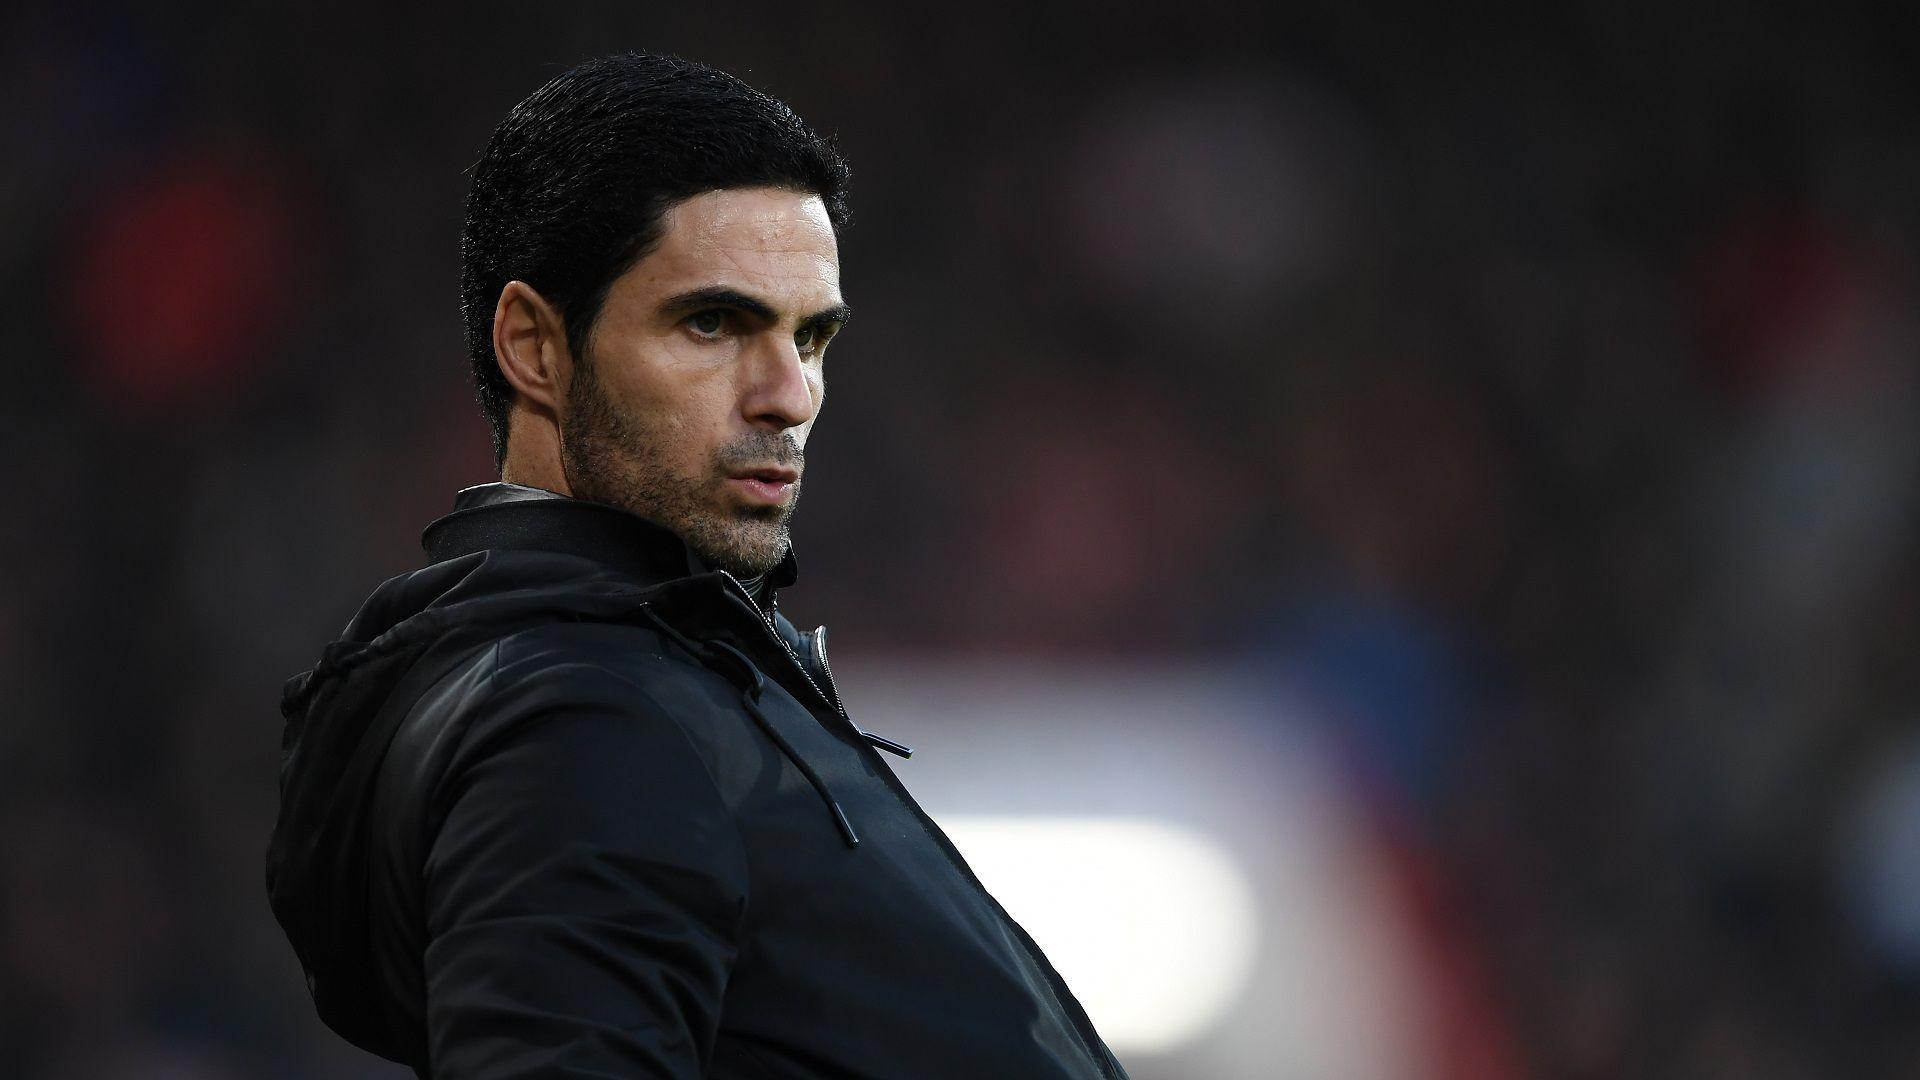 Отложиха дербито в Англия, Арсенал постави играчи и шефове в изолация